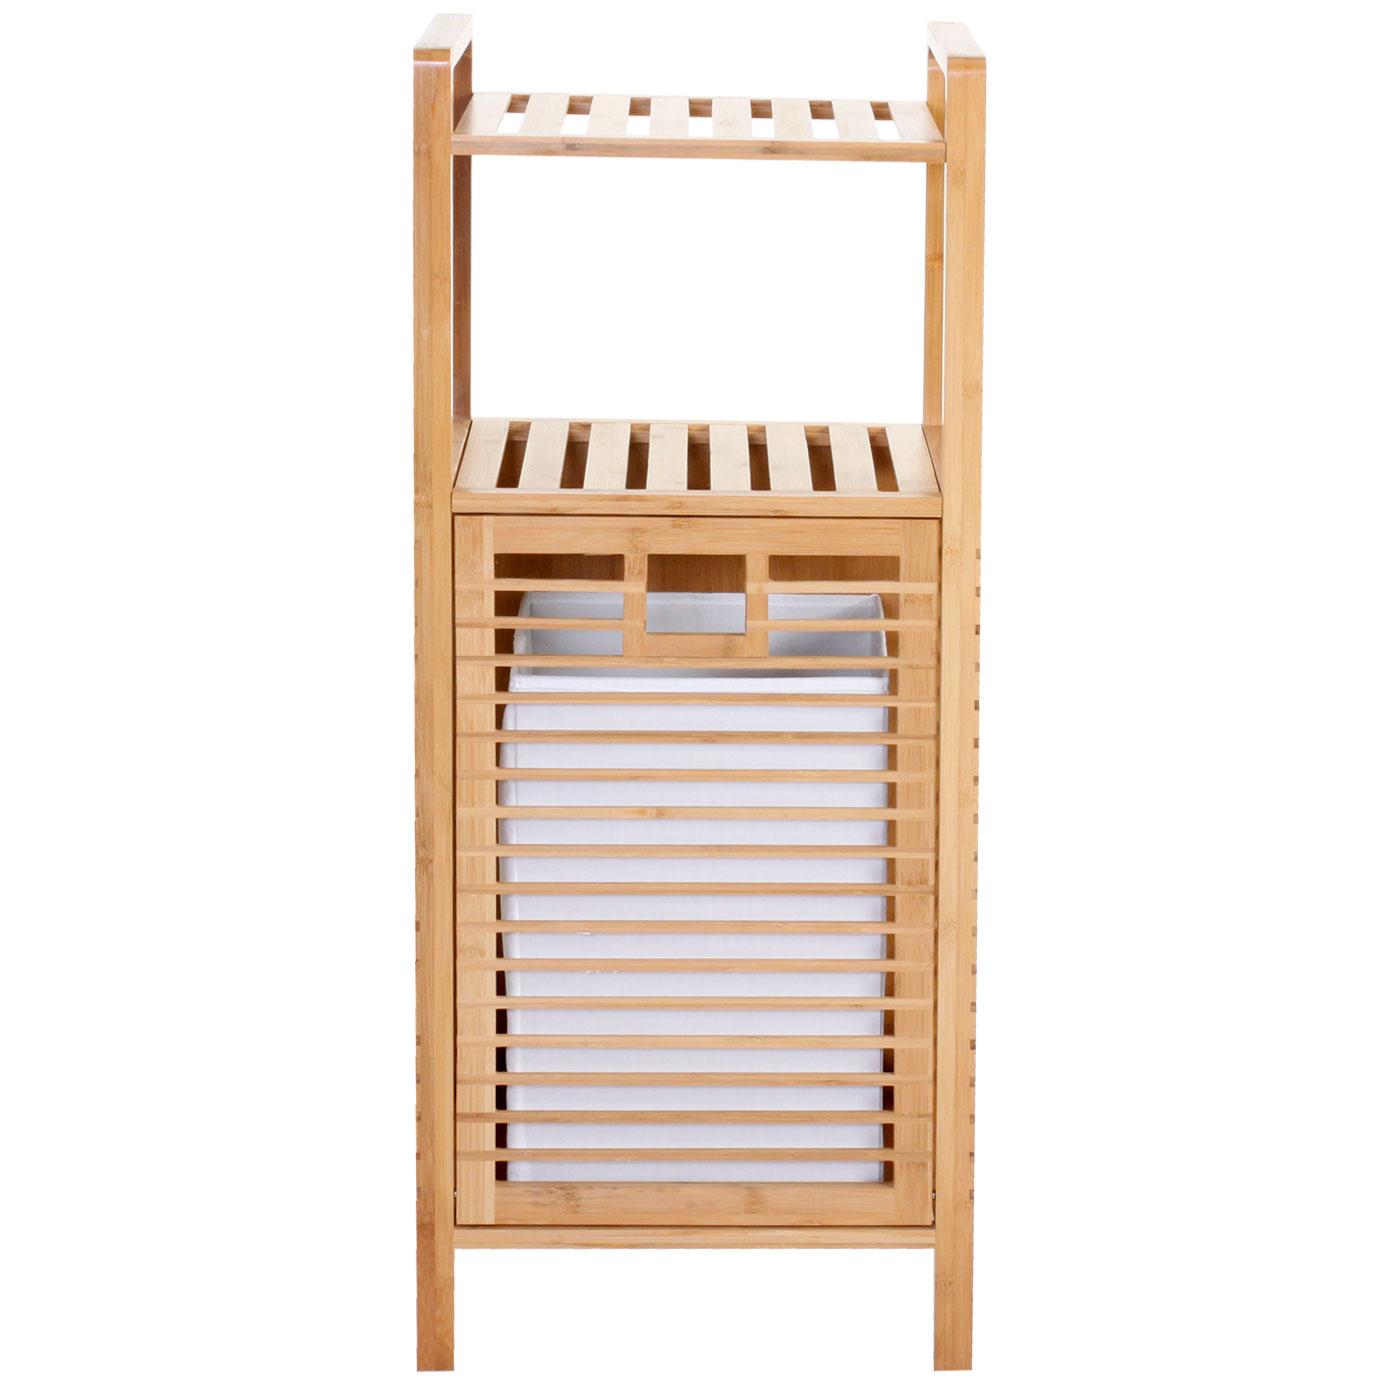 serie legno bambu narita arredo bagno scaffale a 2 ripiani con portabiancheria d ebay. Black Bedroom Furniture Sets. Home Design Ideas